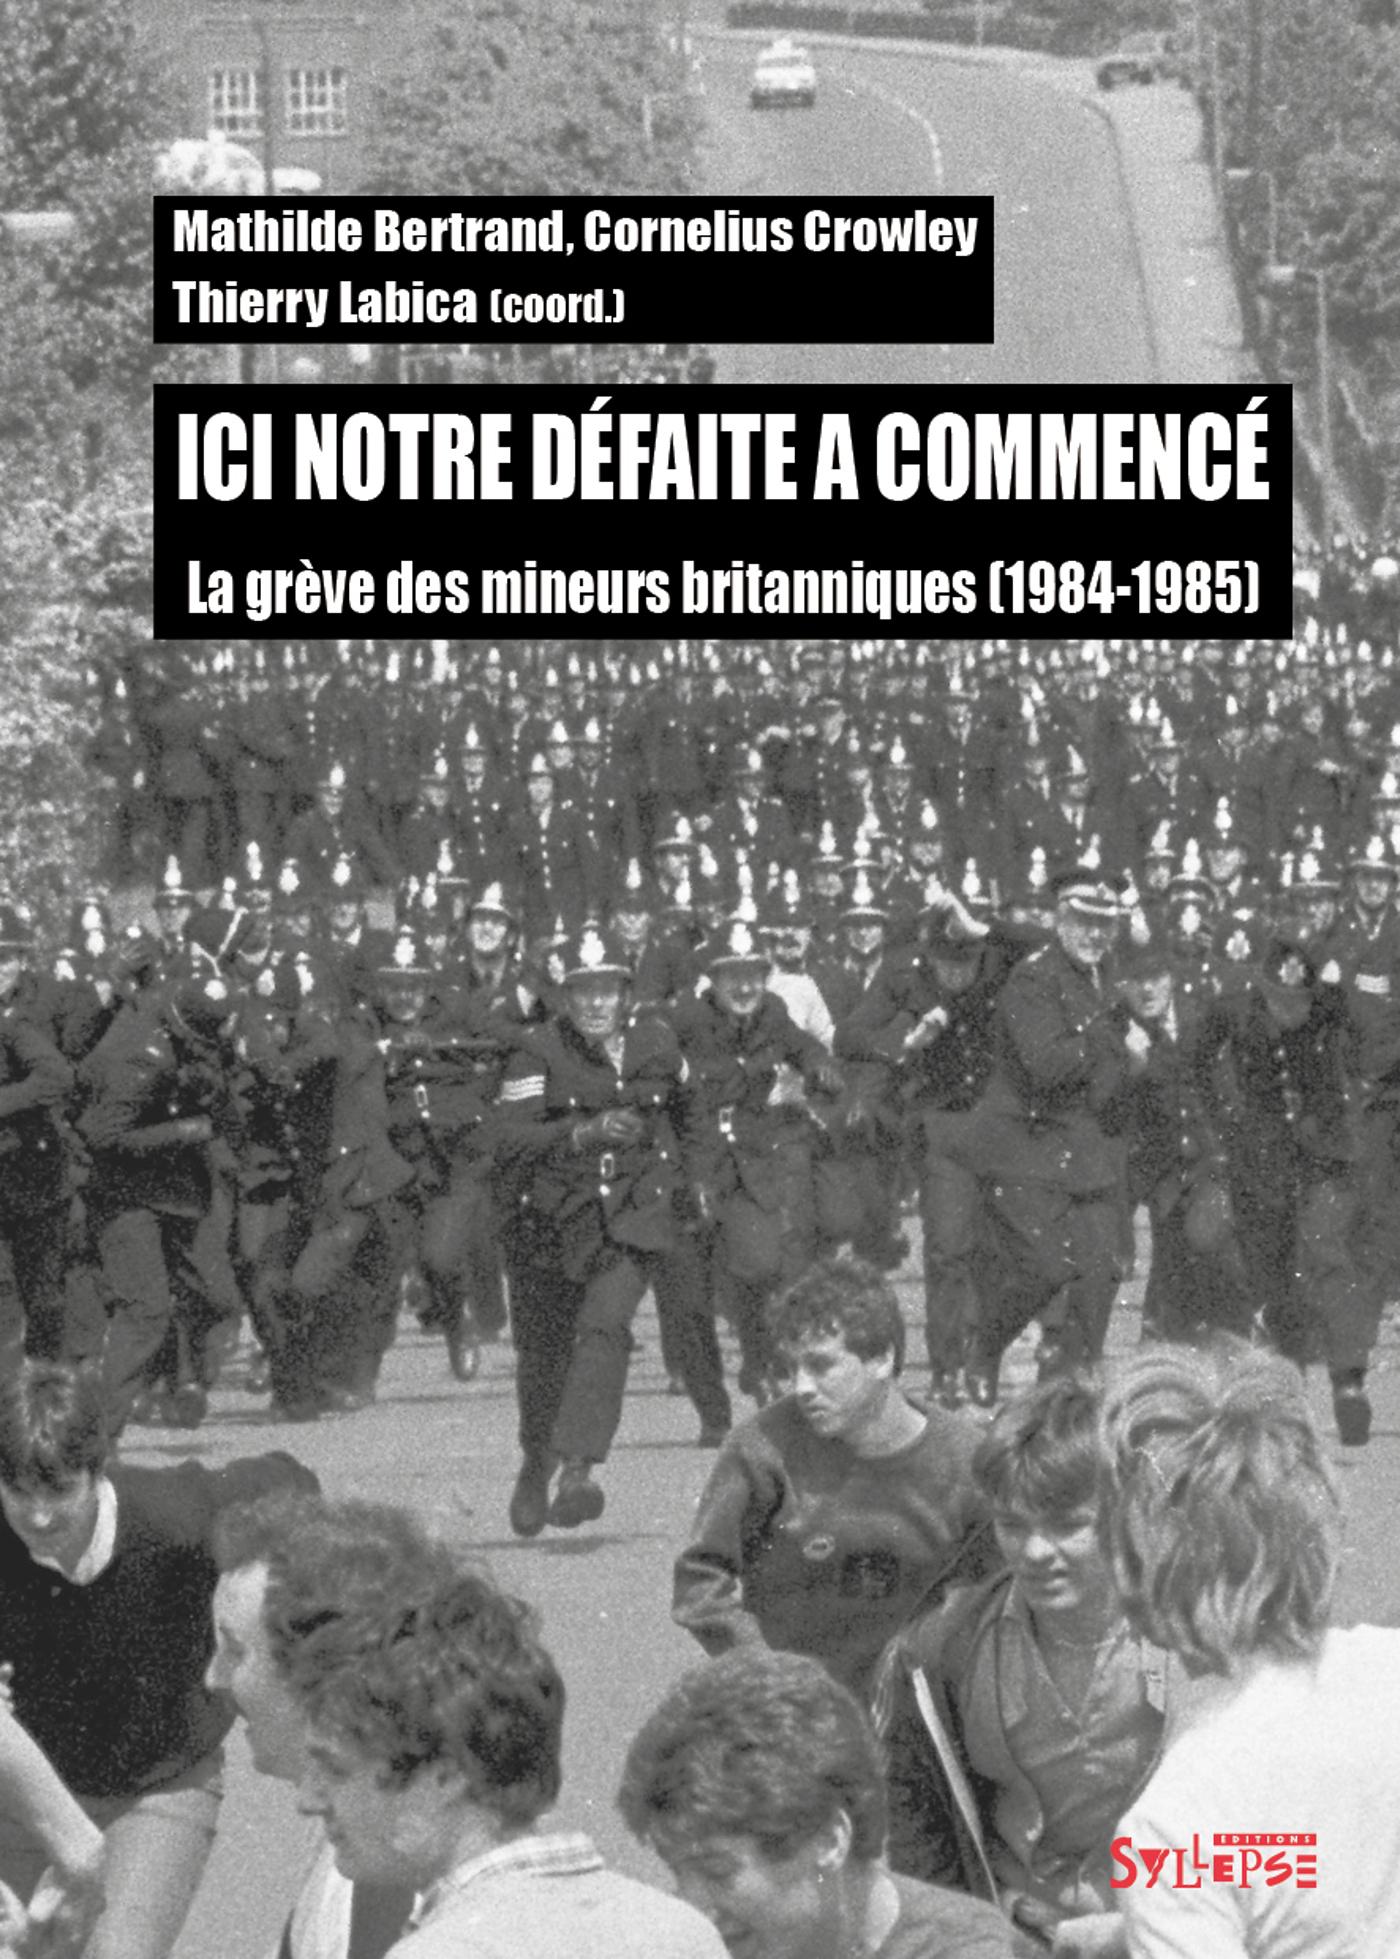 ICI NOTRE DEFAITE A COMMENCE - LA GREVE DES MINEURS BRITANNIQUES (1984-1985)